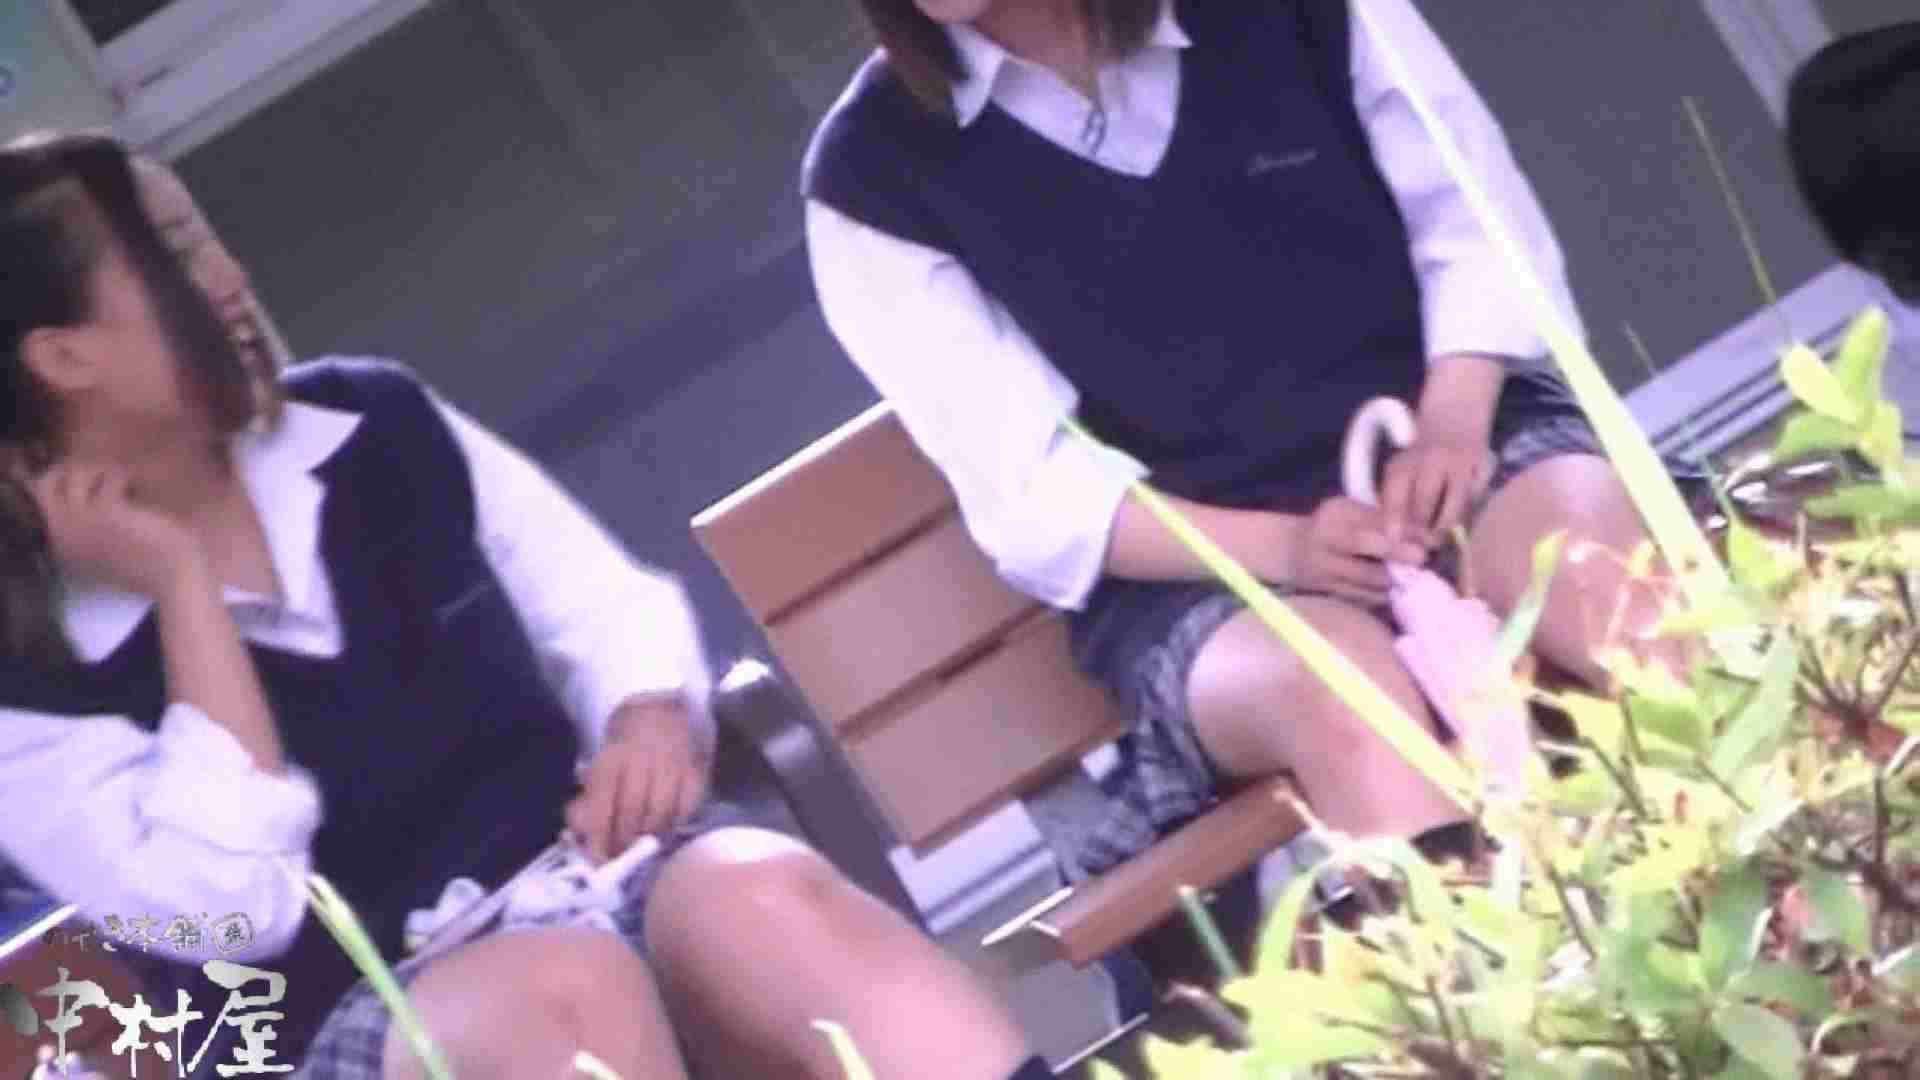 ドキドキ❤新入生パンチラ歓迎会vol.16 乙女のエロ動画 ワレメ無修正動画無料 95PIX 55